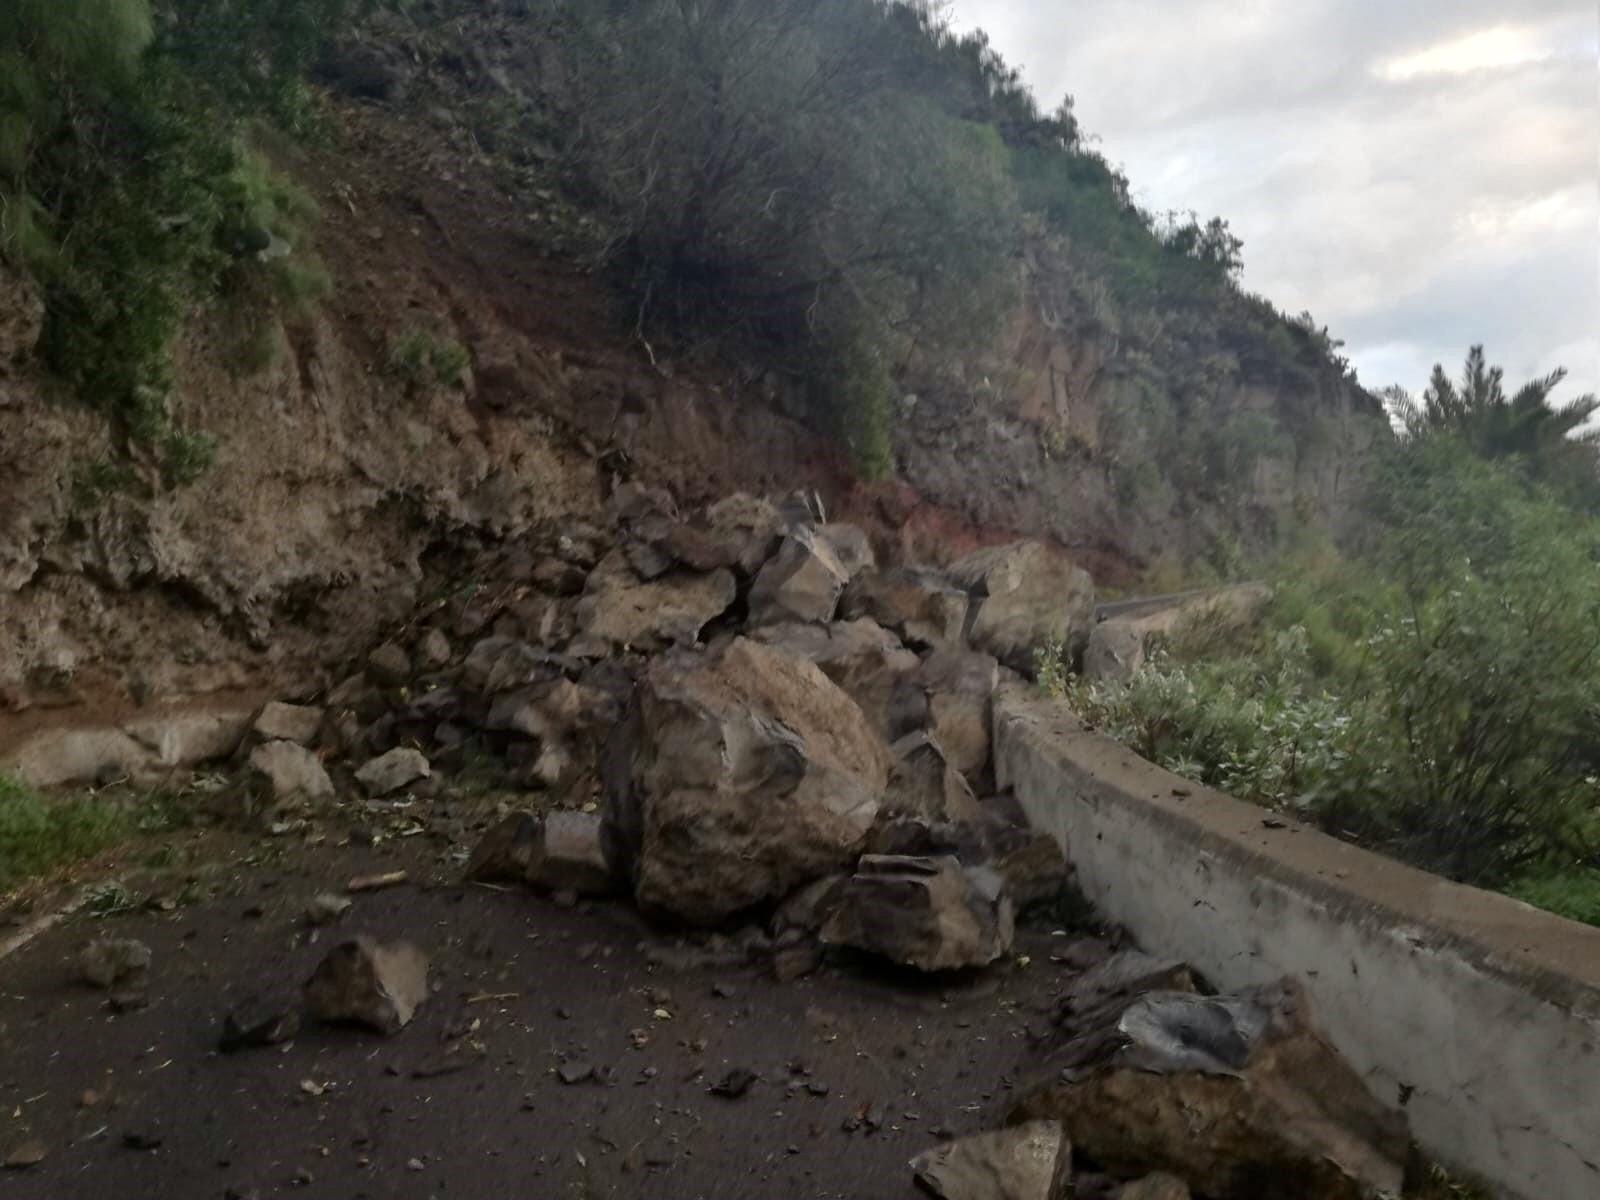 El Cabildo de Gran Canaria declara de emergencia la reparación del tramo de vía que une Firgas con Moya afectado por un desprendimiento